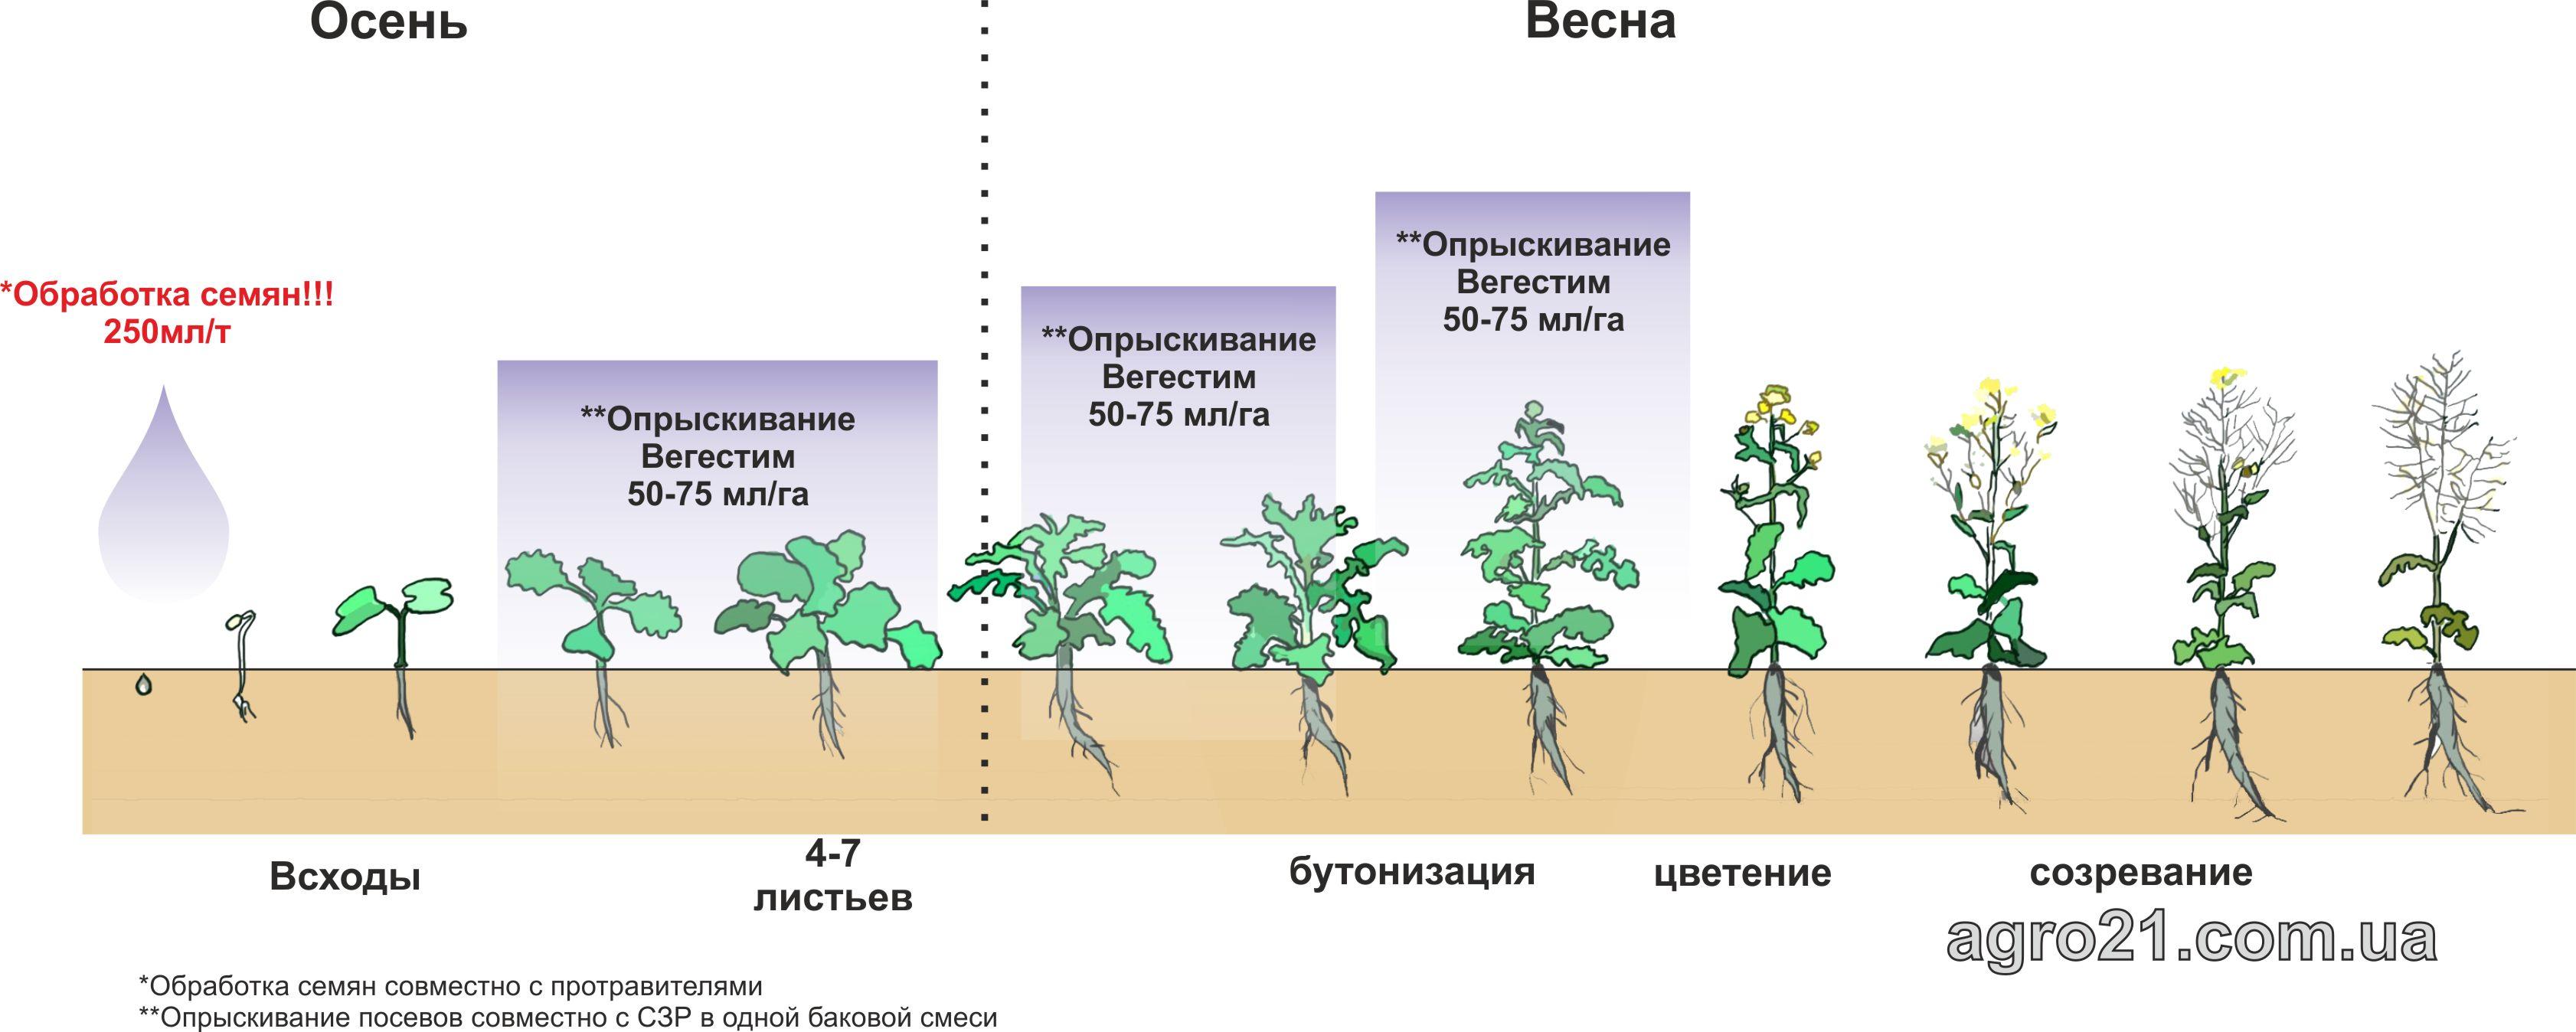 Вегестим. Схема применения стимулятора роста растений на посевах рапса